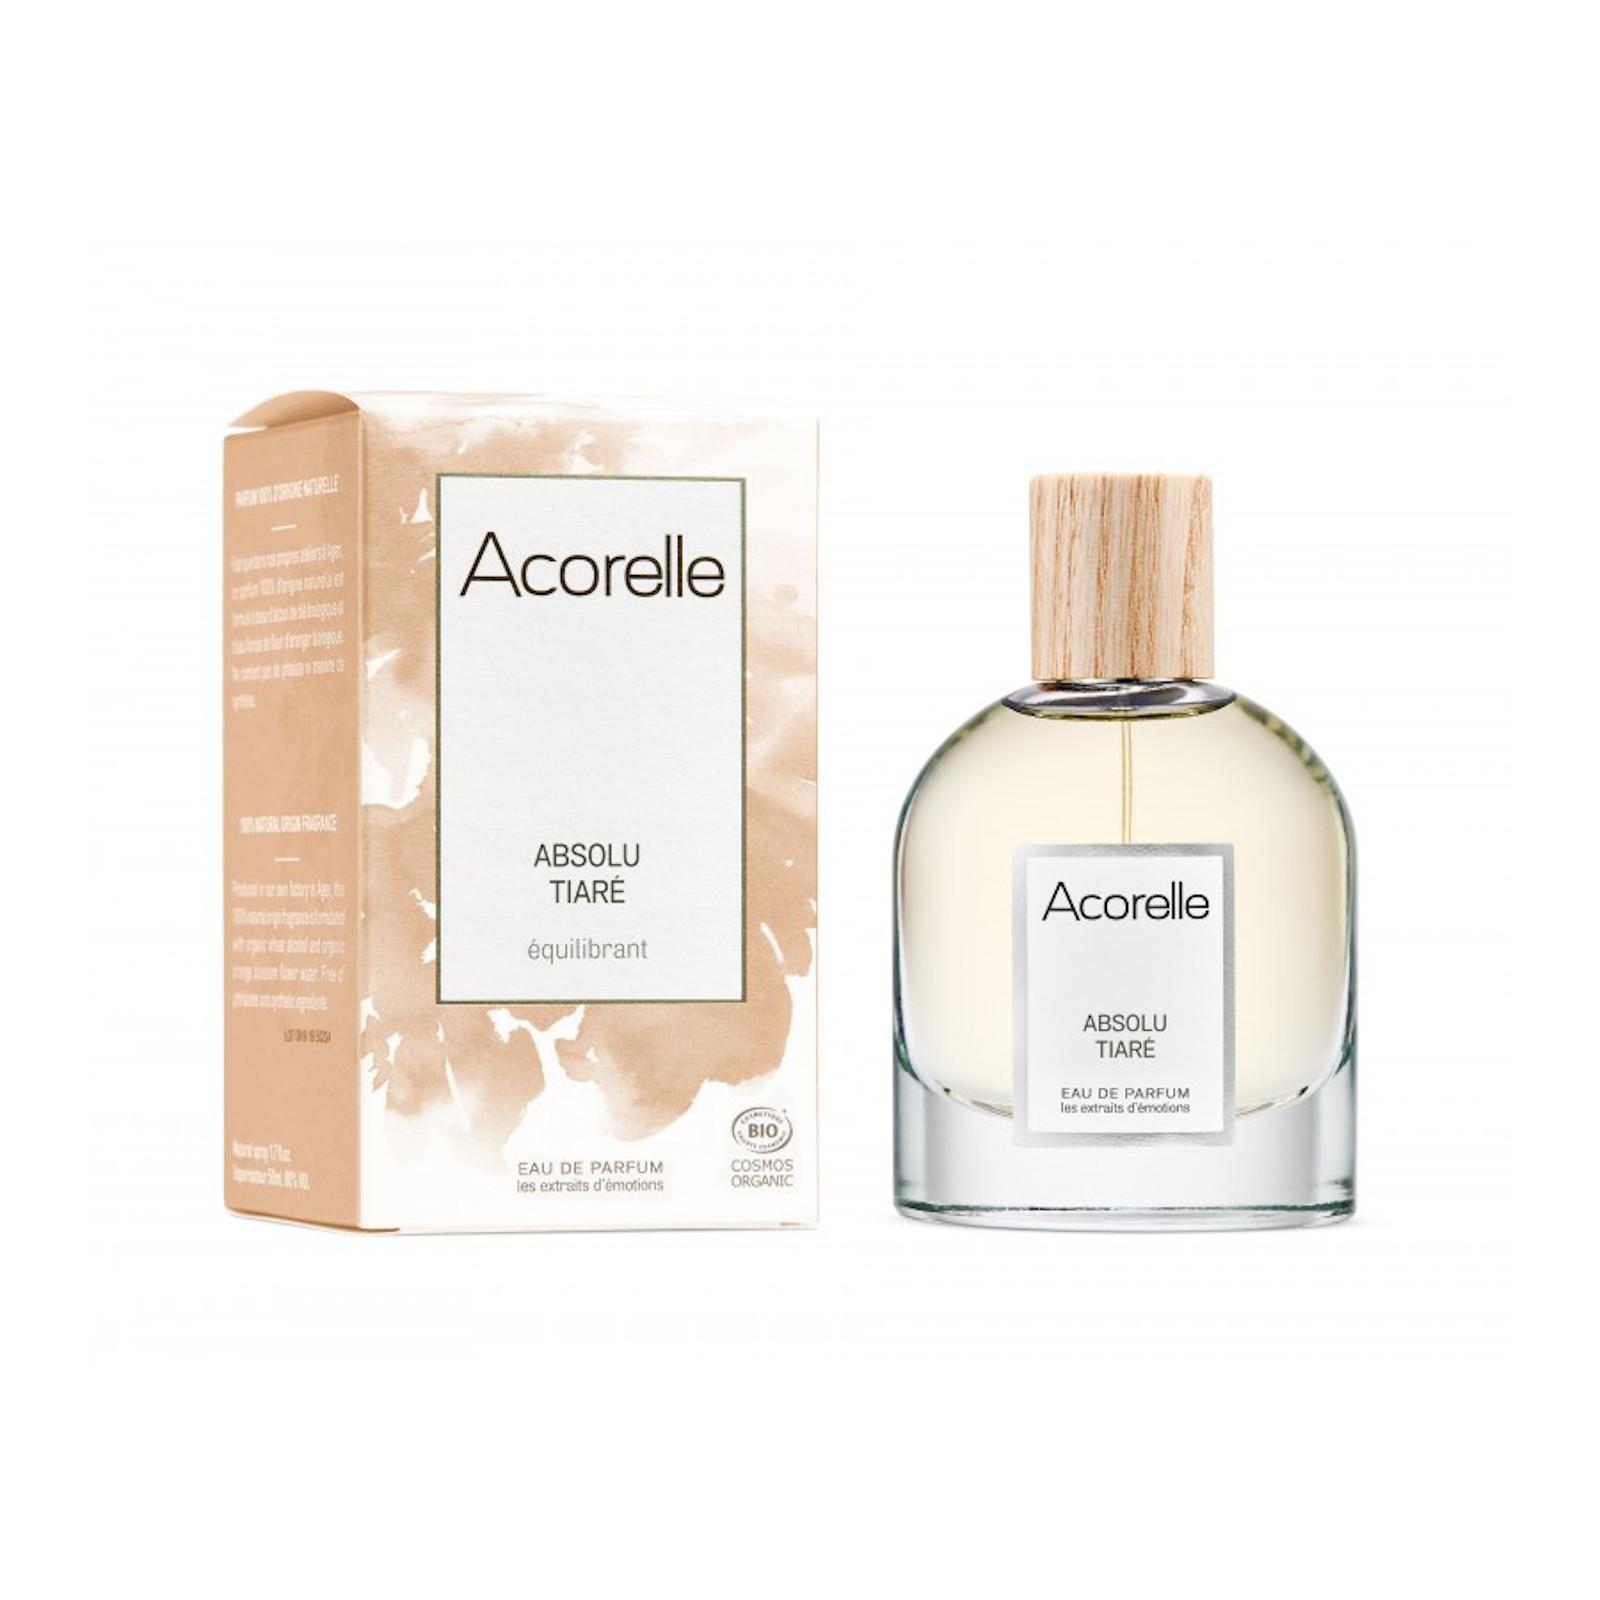 Acorelle Dámská parfemová voda bio absolu tiare 50 ml